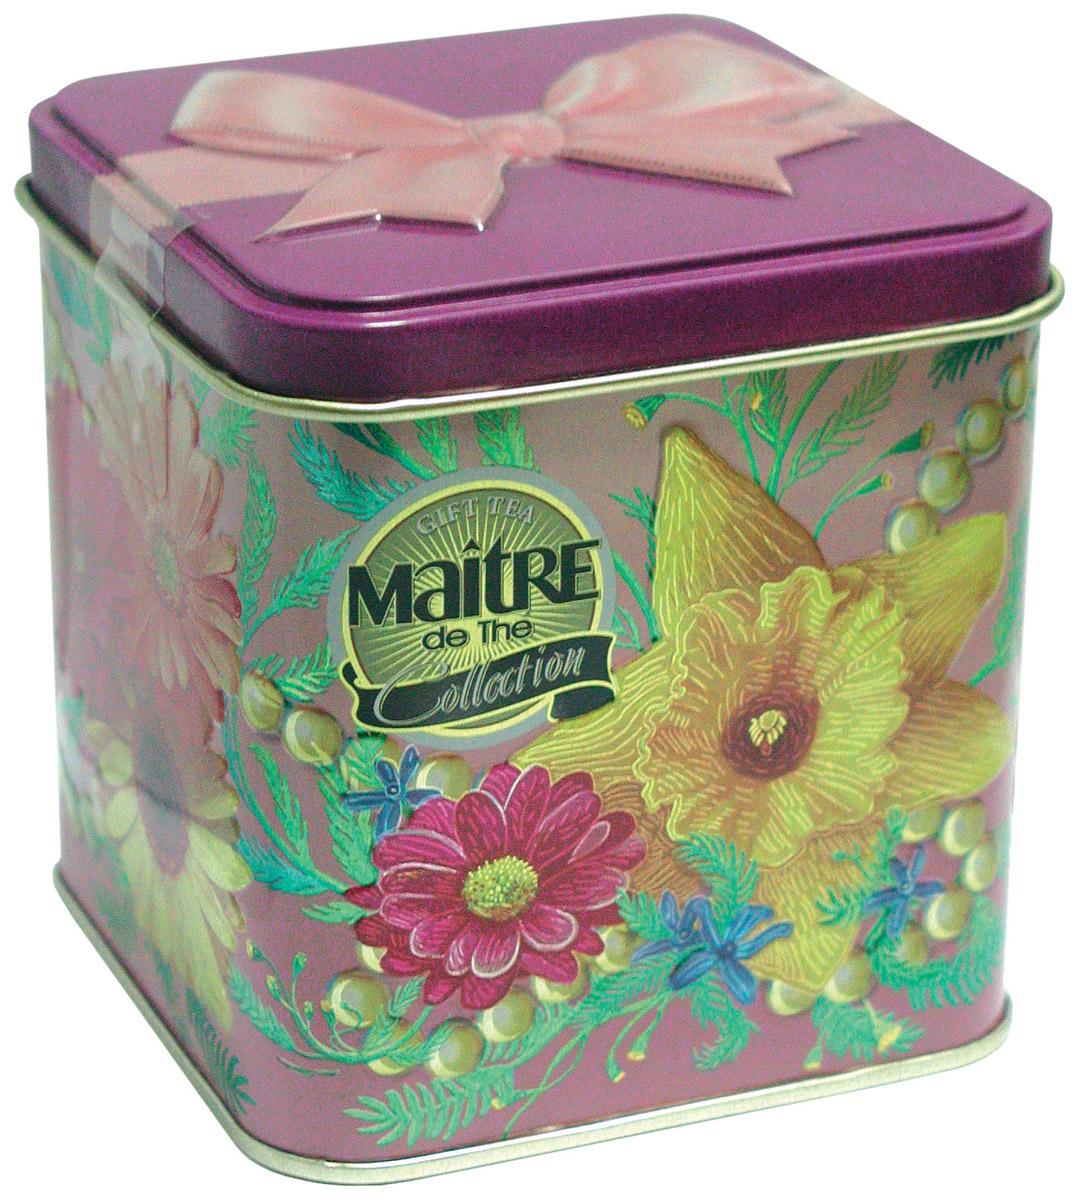 Maitre Дамский каприз черный листовой чай, 100 гбаж019Maitre Дамский каприз - это черный байховый индийский крупнолистовой чай. Яркая жестяная банка с изображением цветов и игривым бантом на крышке придется по вкусу каждой женщине.